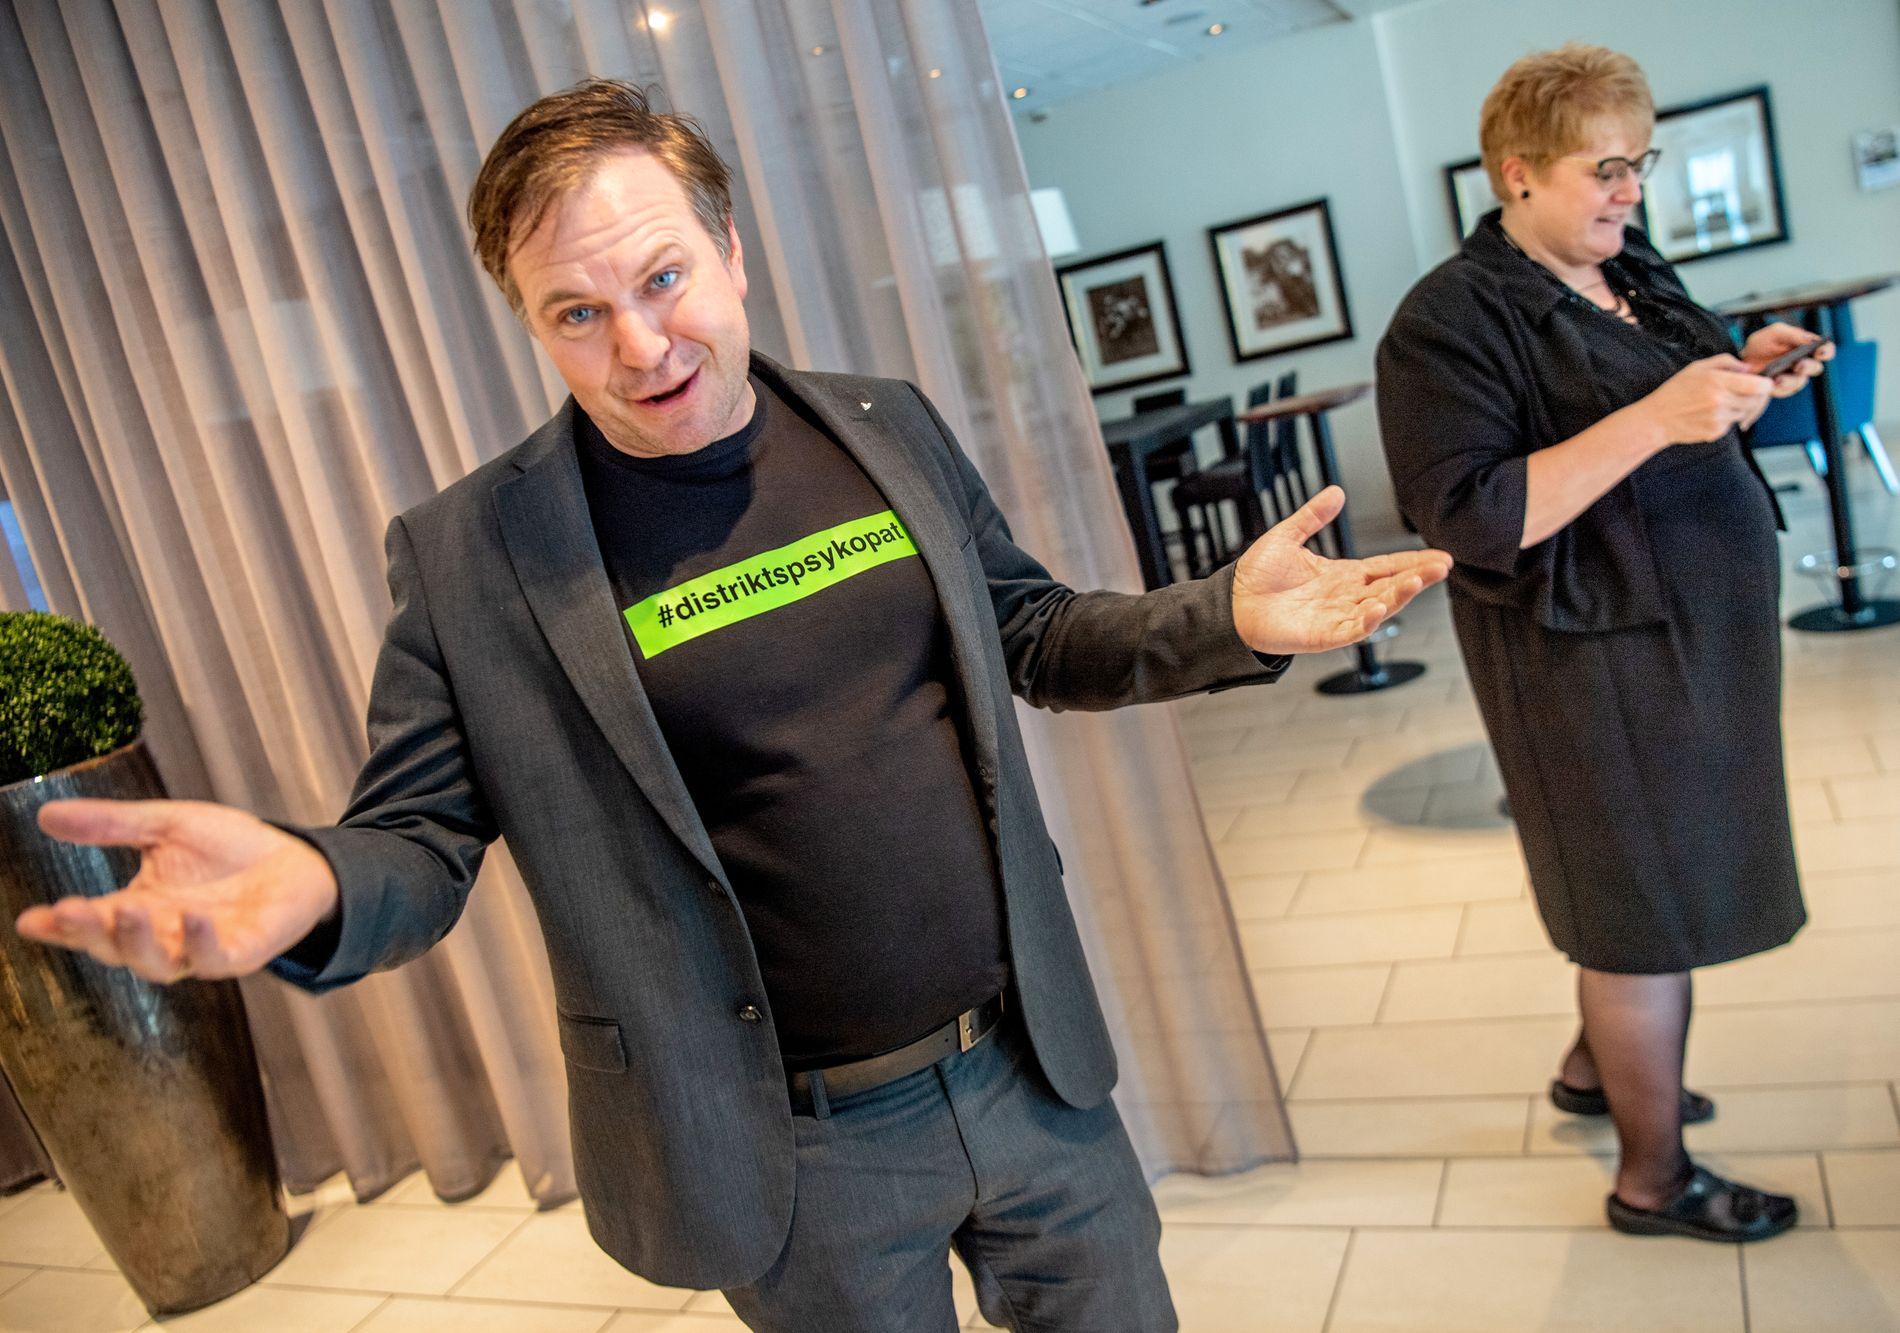 ALFRED I FRONT: Venstre-ordfører Alfred Bjørlo i Eid fikk en oppslutning på 36,1 i sin kommune. Trine Skei Grande fikk 3,8 på landsbasis.